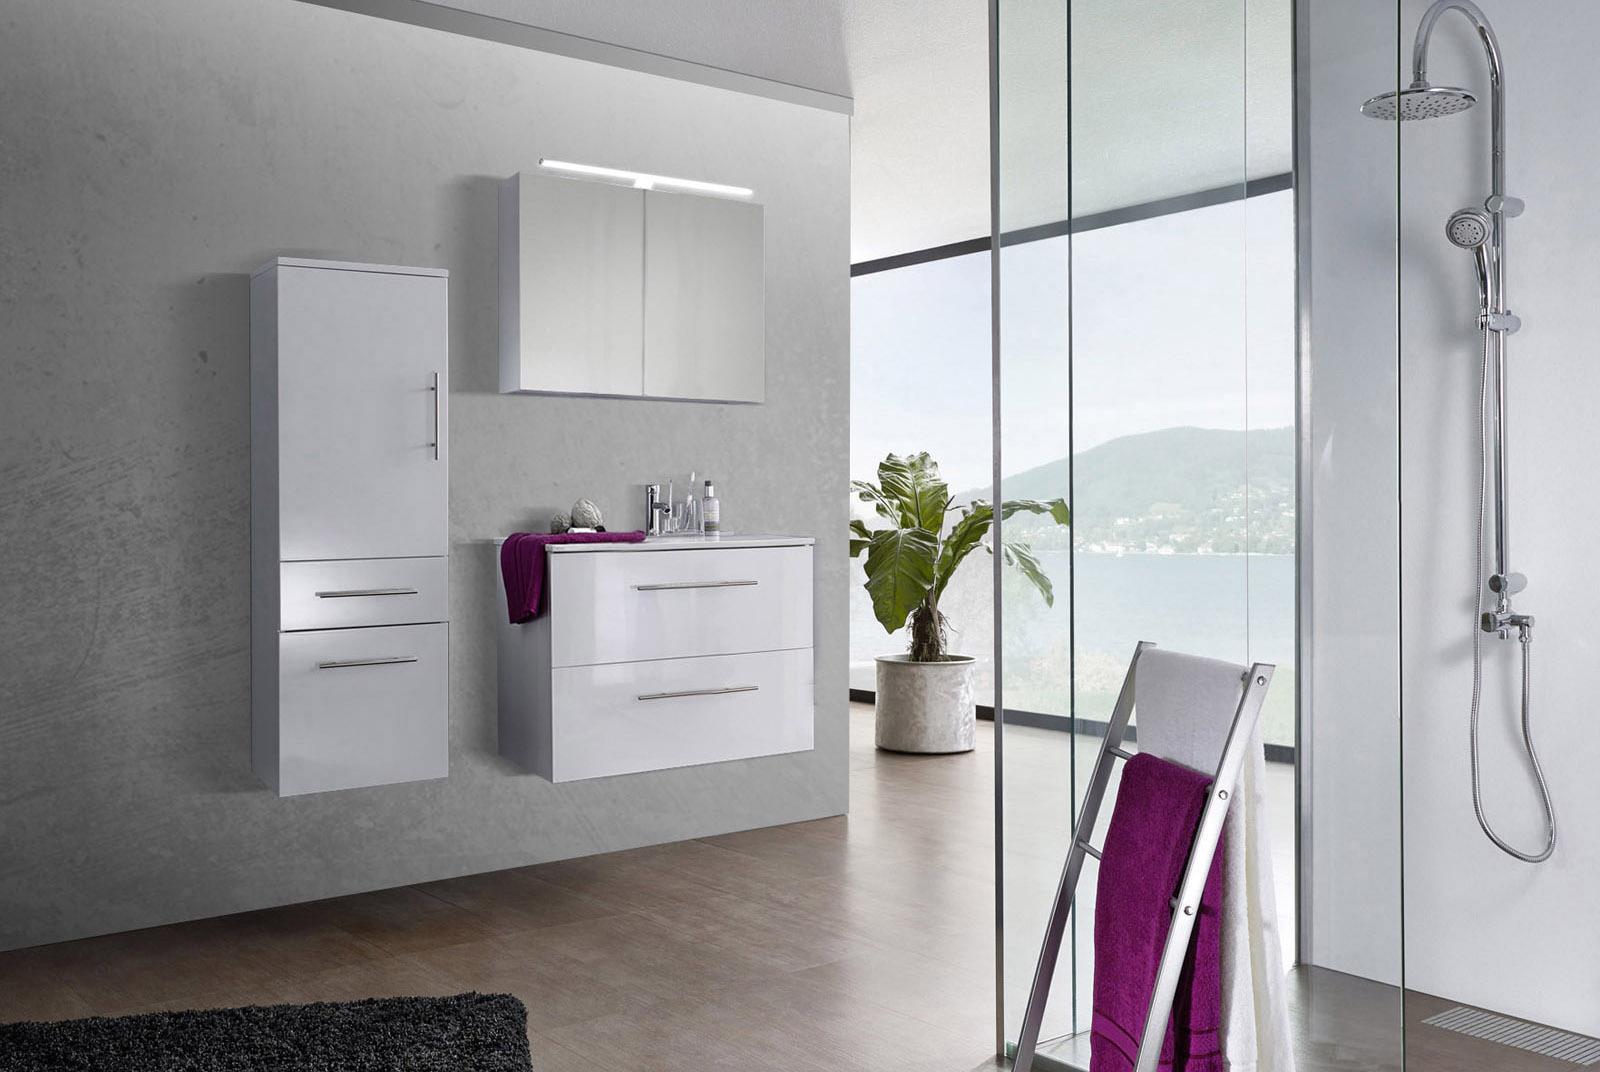 Sam 3tlg badezimmer set spiegelschrank wei 80 cm verena - Badezimmer set ...